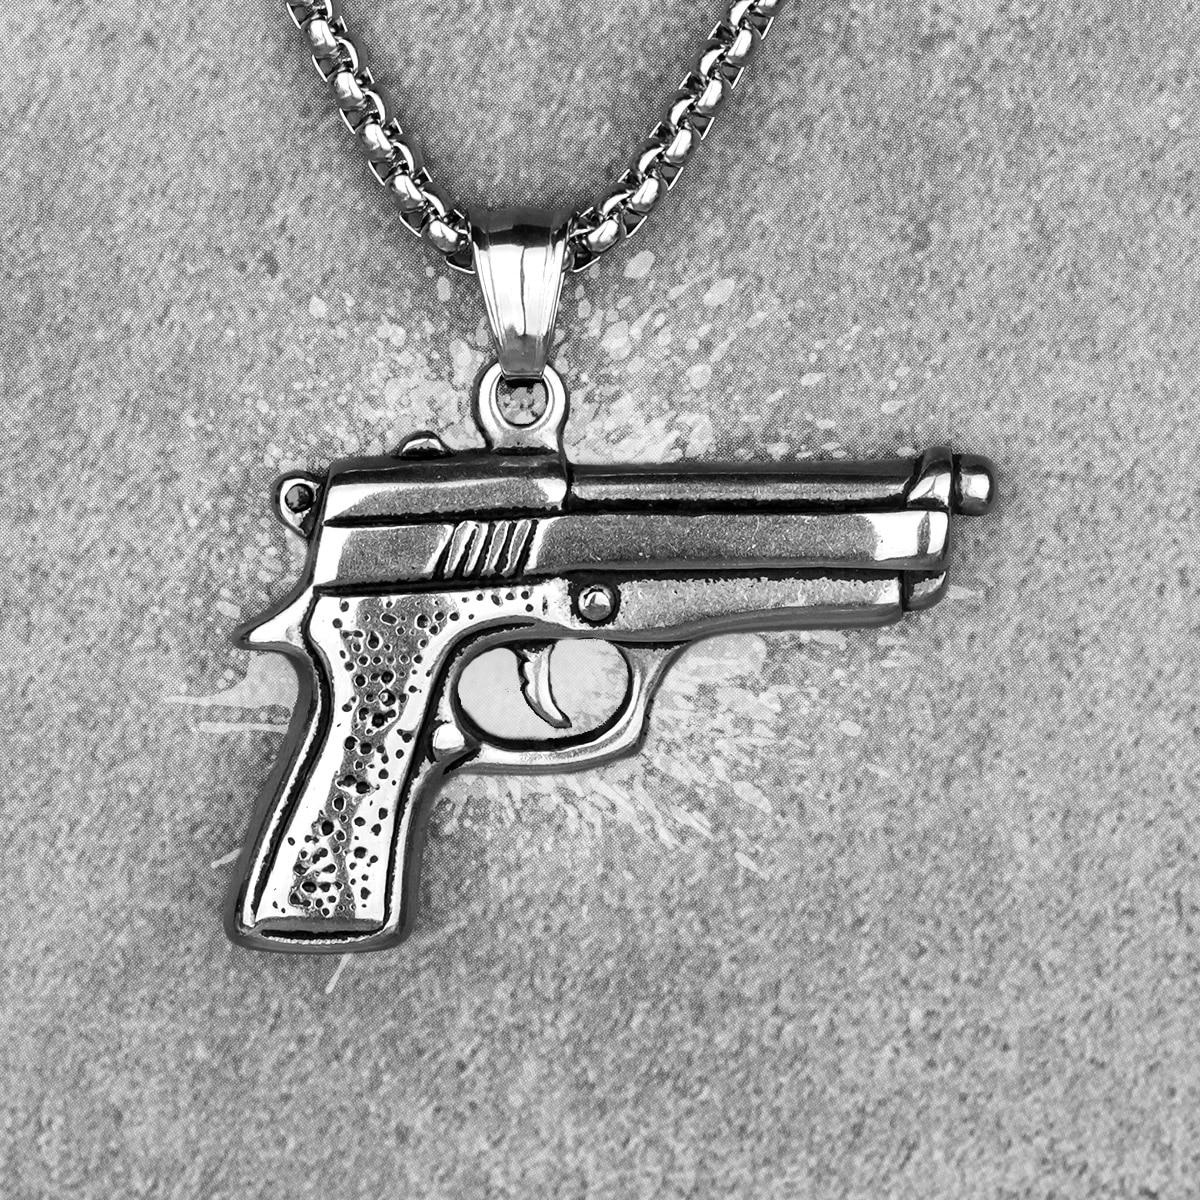 Мужской пистолет, оружие, длинная искусственная кожа, панк, хип-хоп для мальчиков, мужские ювелирные изделия из нержавеющей стали, креативны...